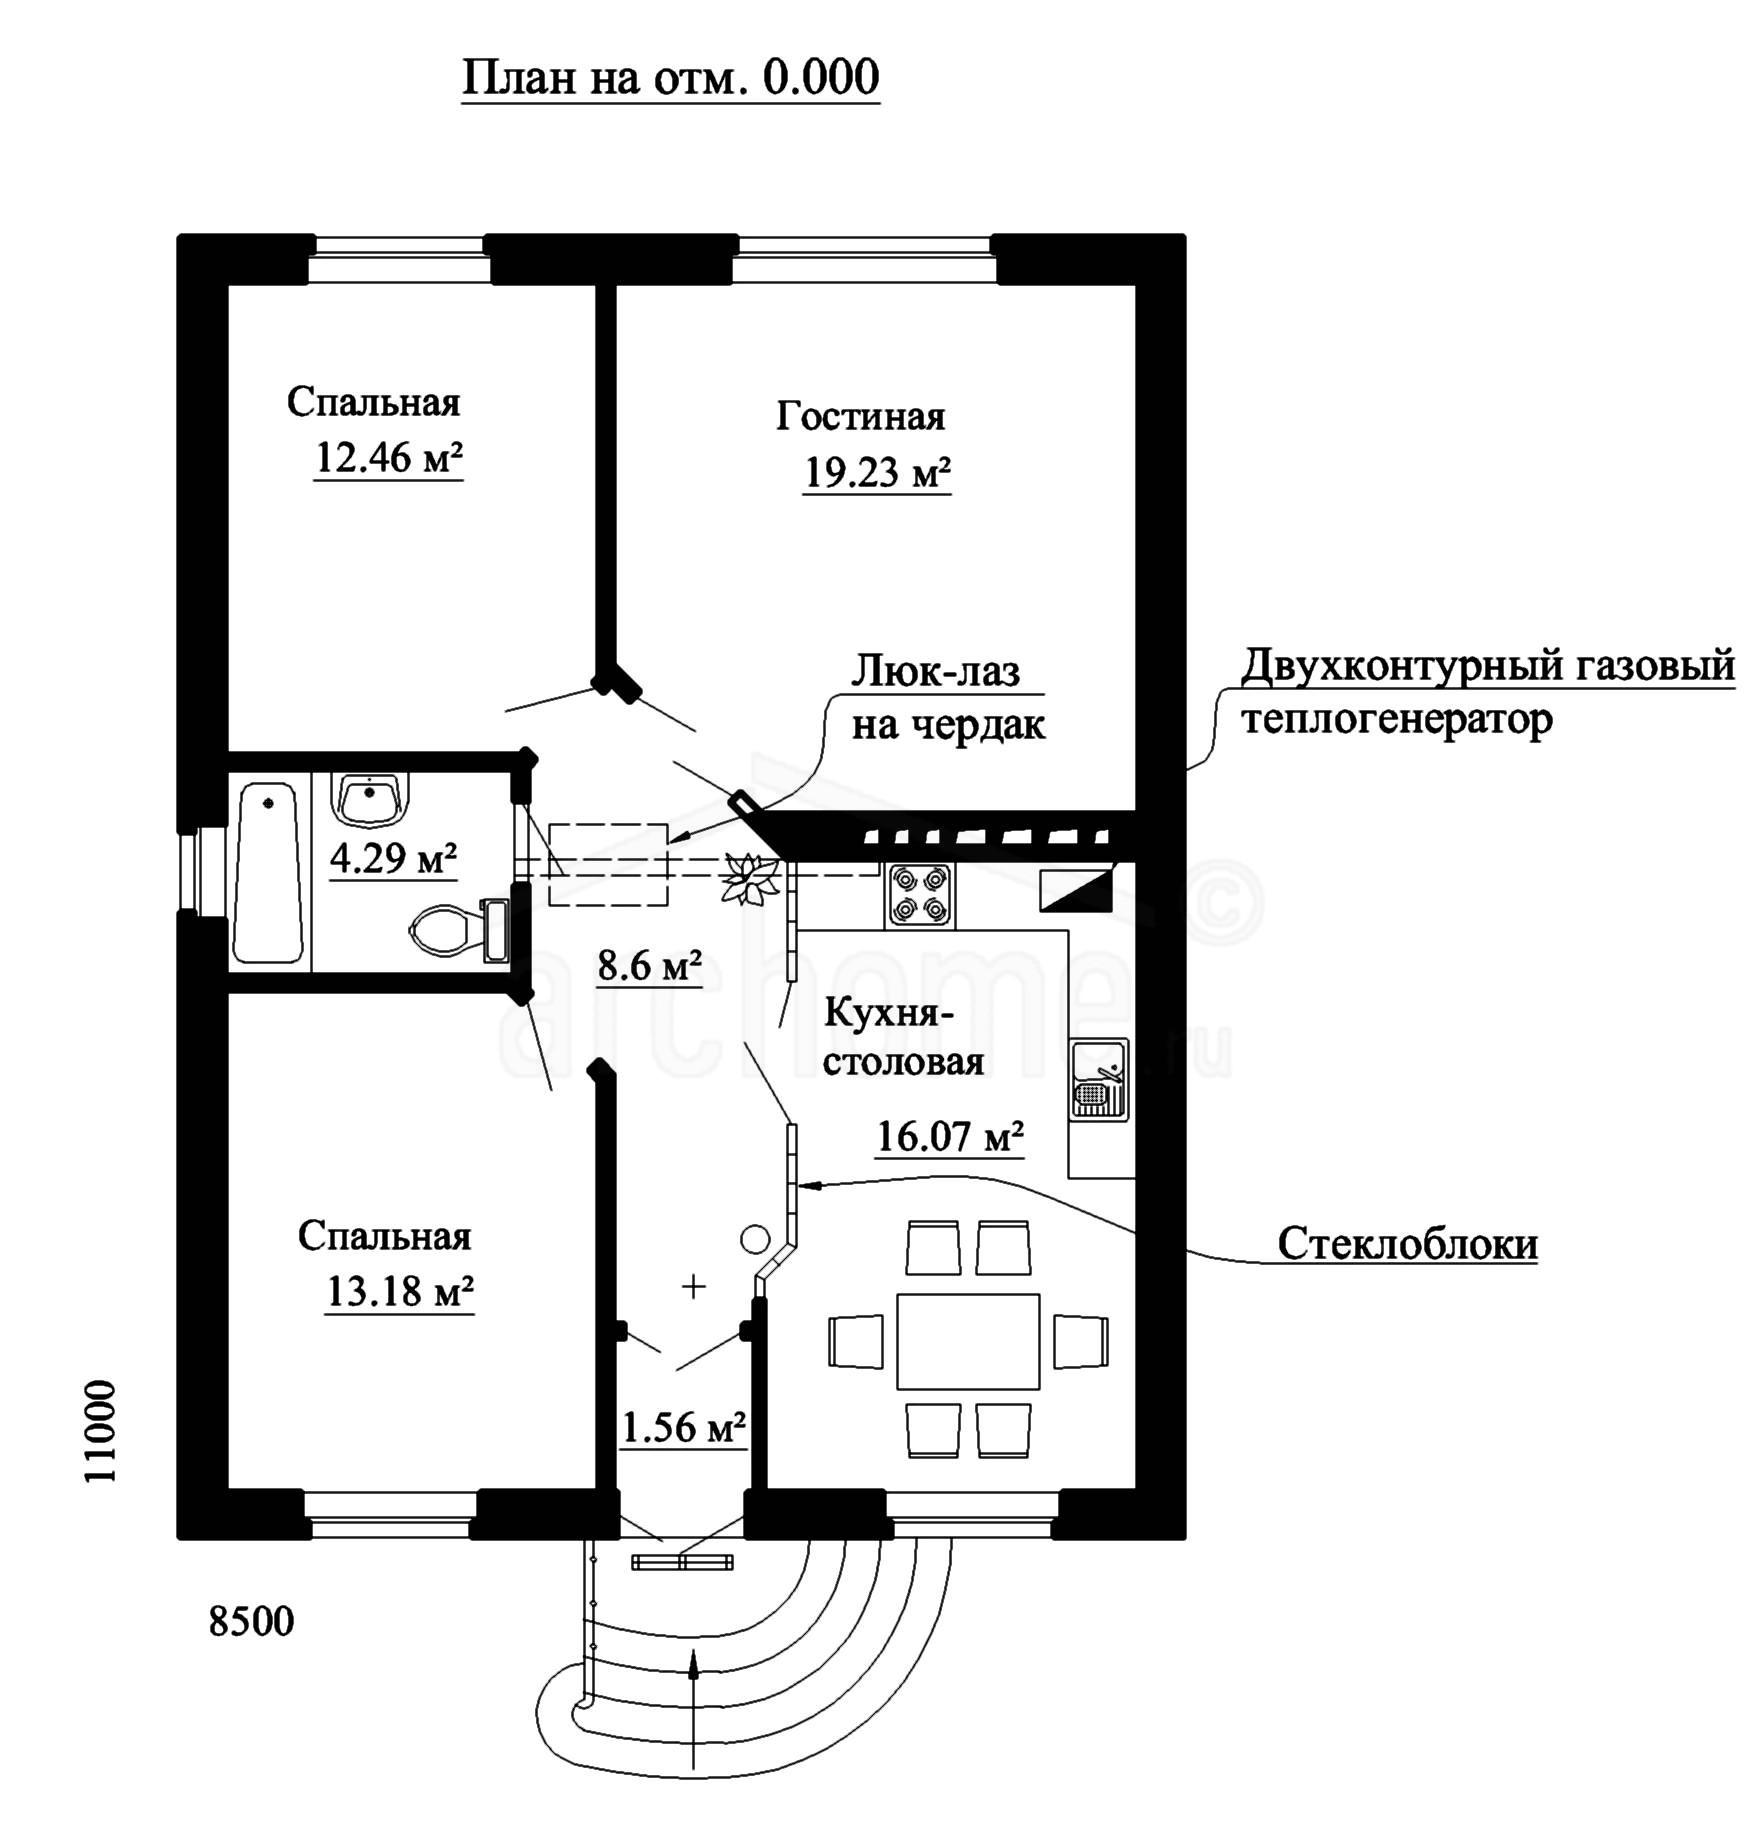 Планы этажей проекта ПЛУТОН 1